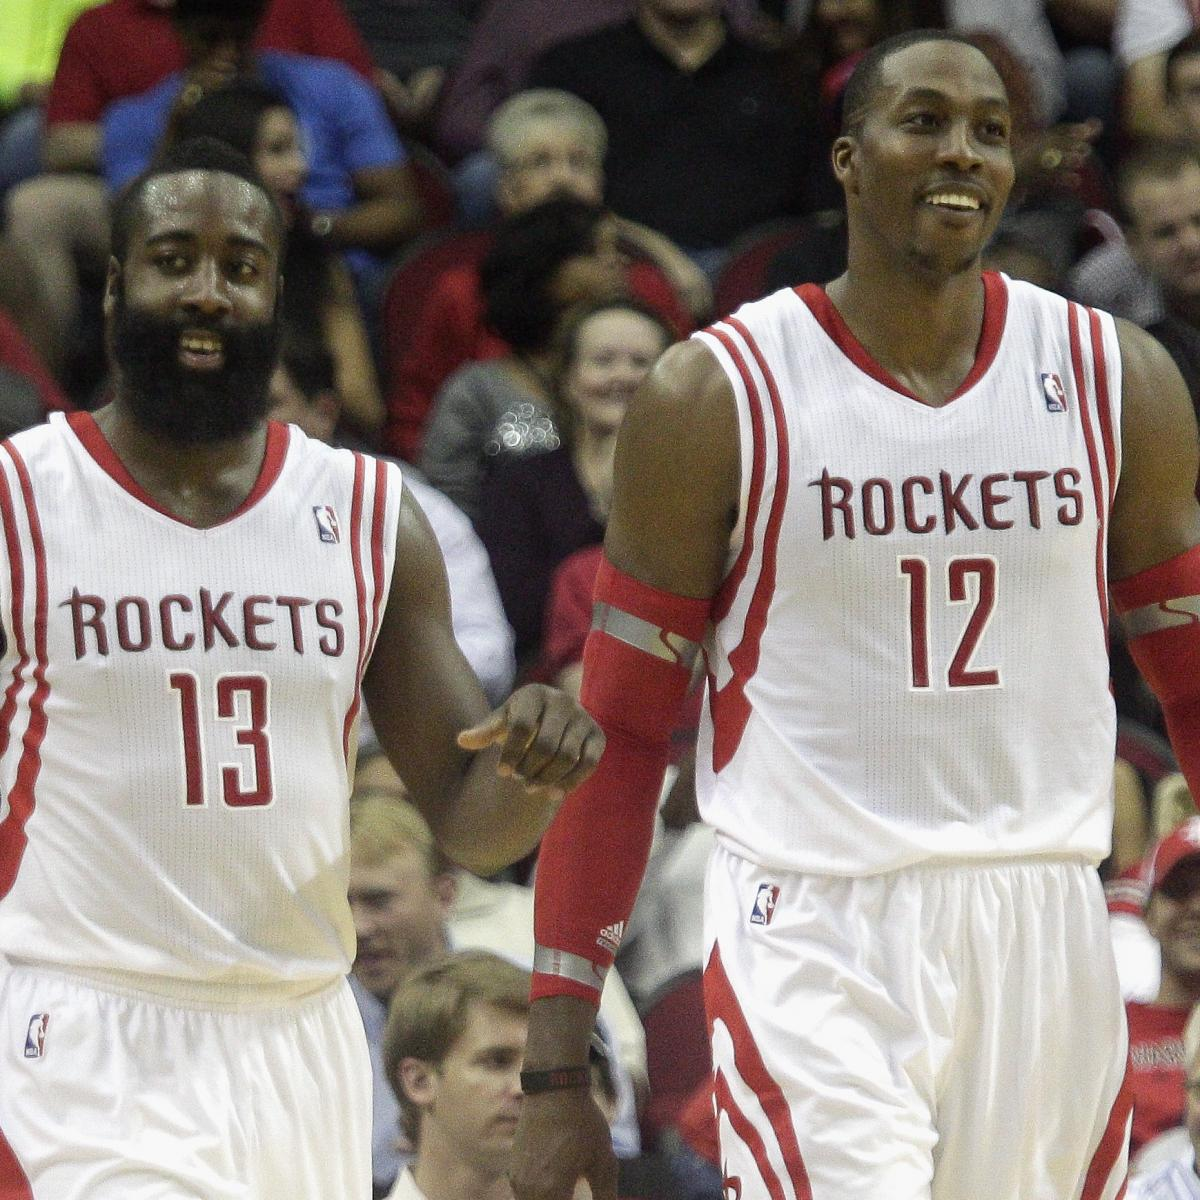 Rockets Jazz Game 2: Houston Rockets Vs. Utah Jazz: Grading Houston's